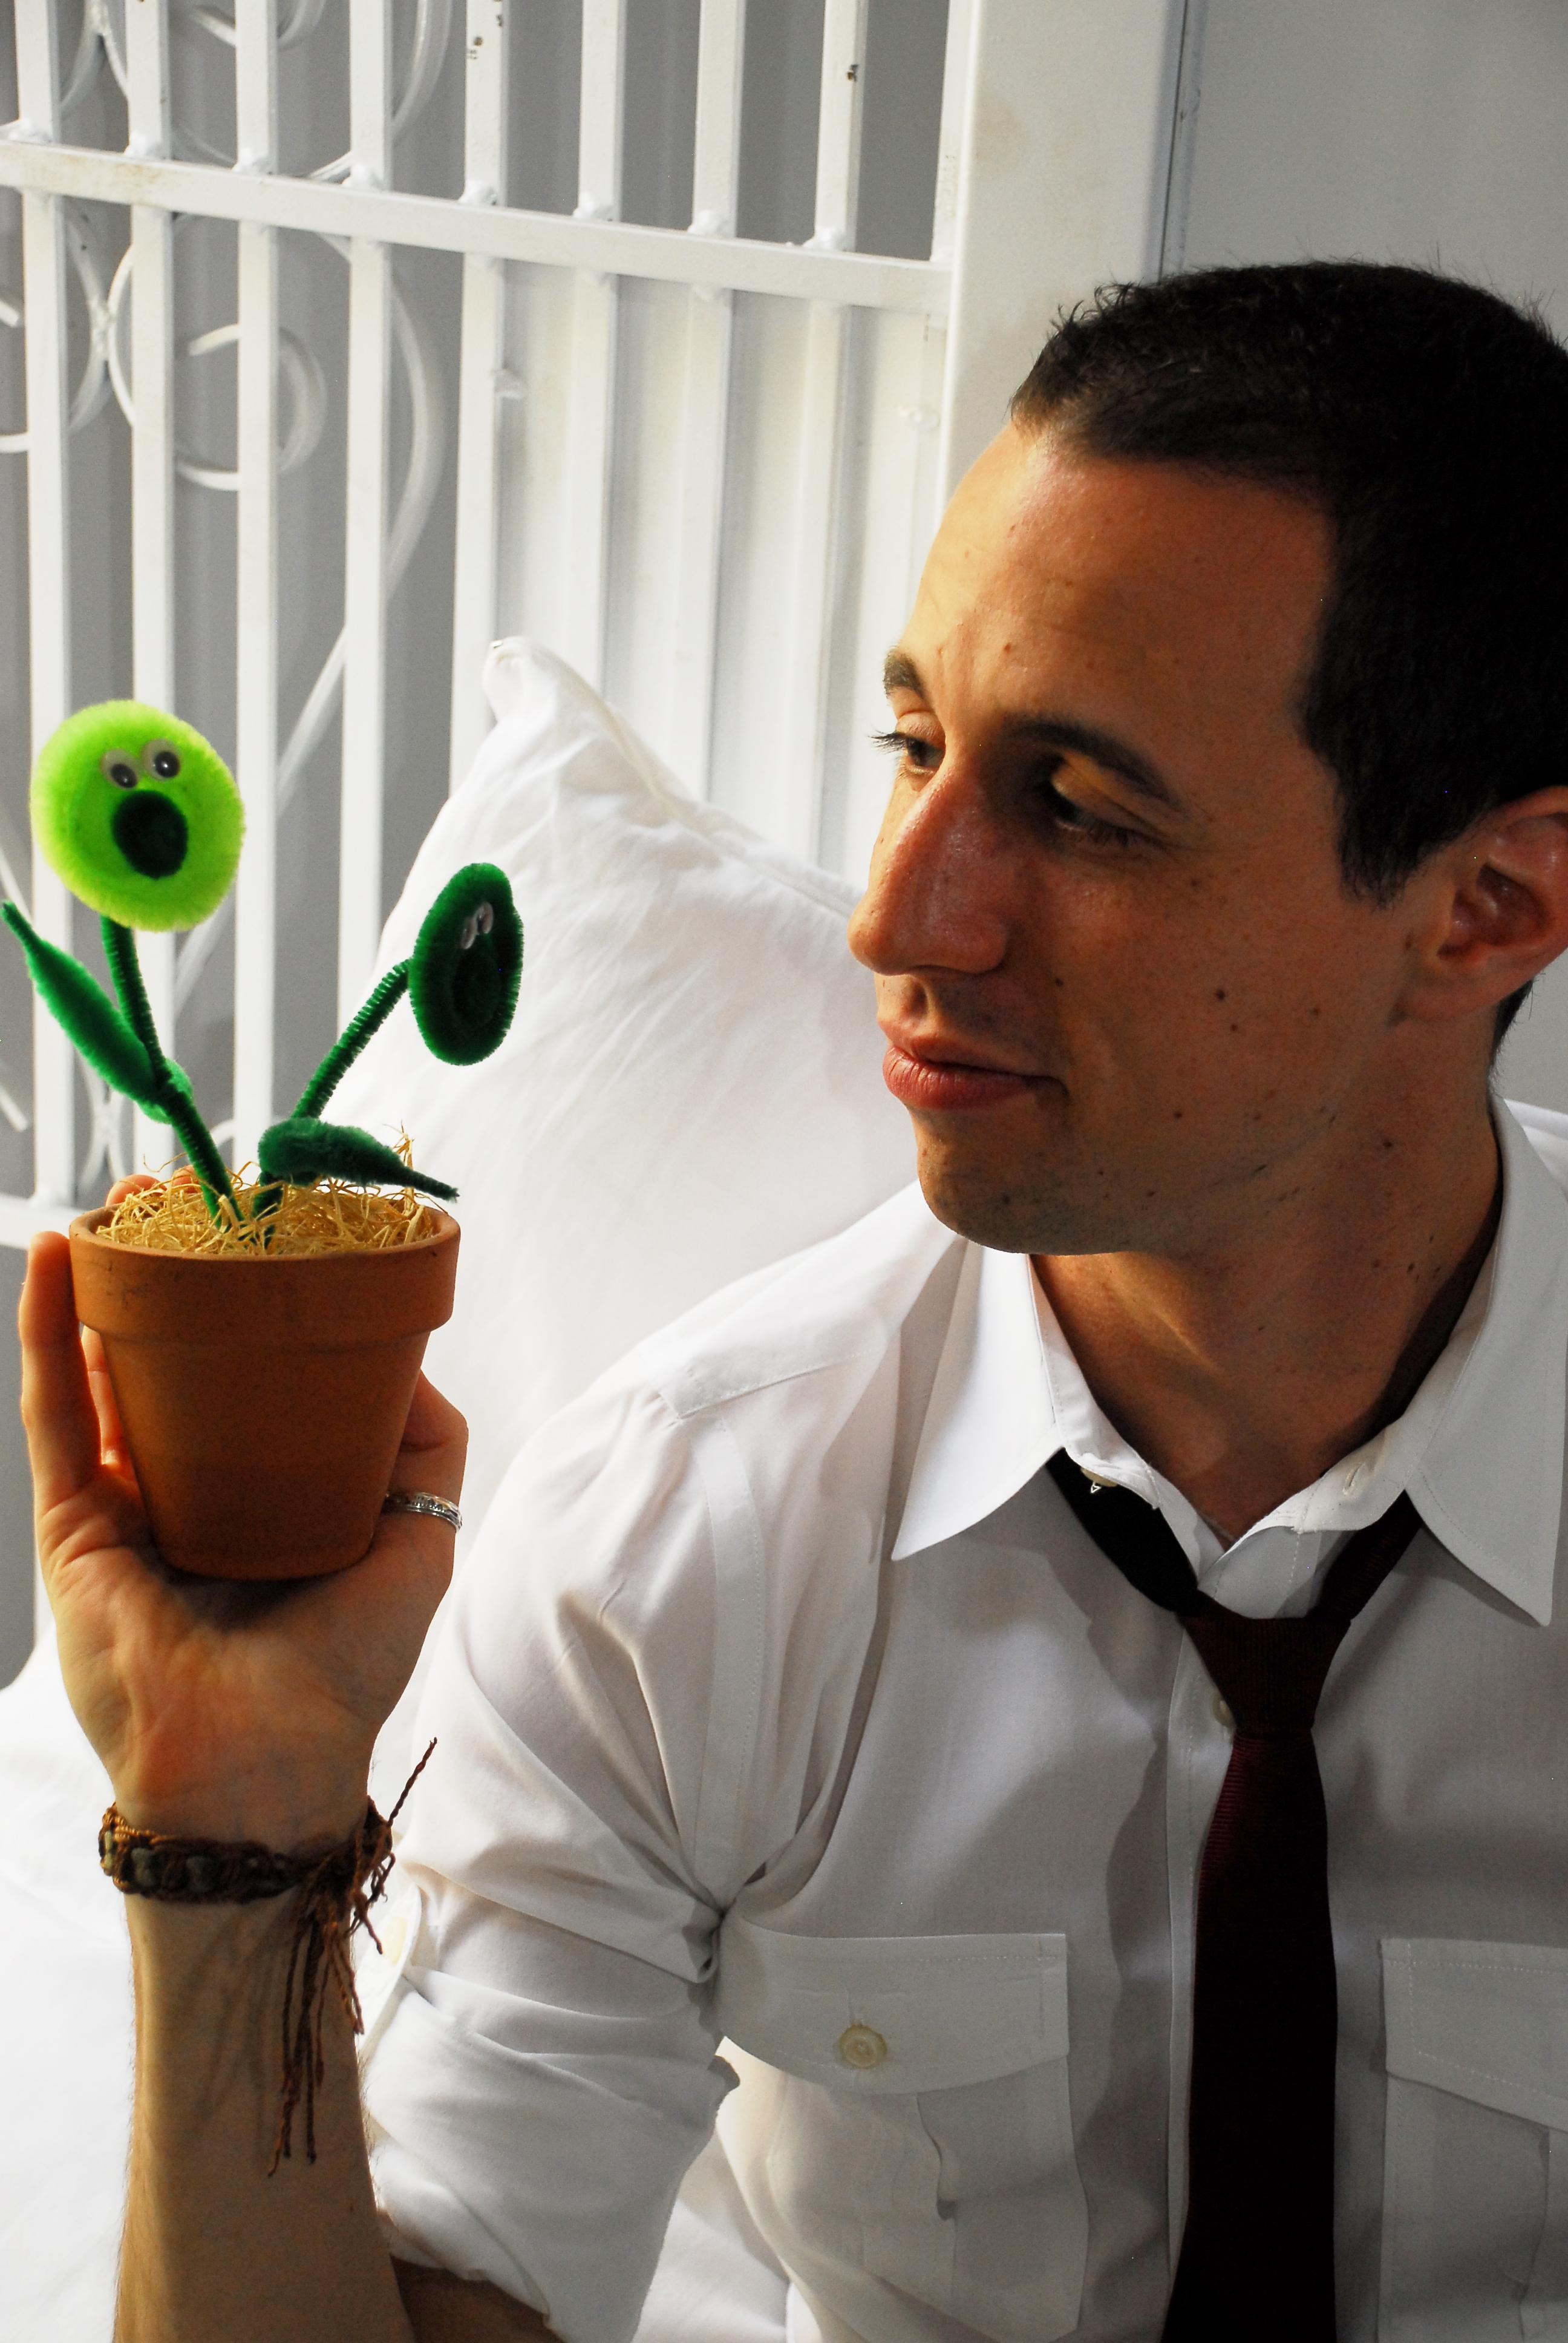 Avi Wisnia Flower Friends New York City NYC Rachel Dobkins Photography Promo Photo Portrait